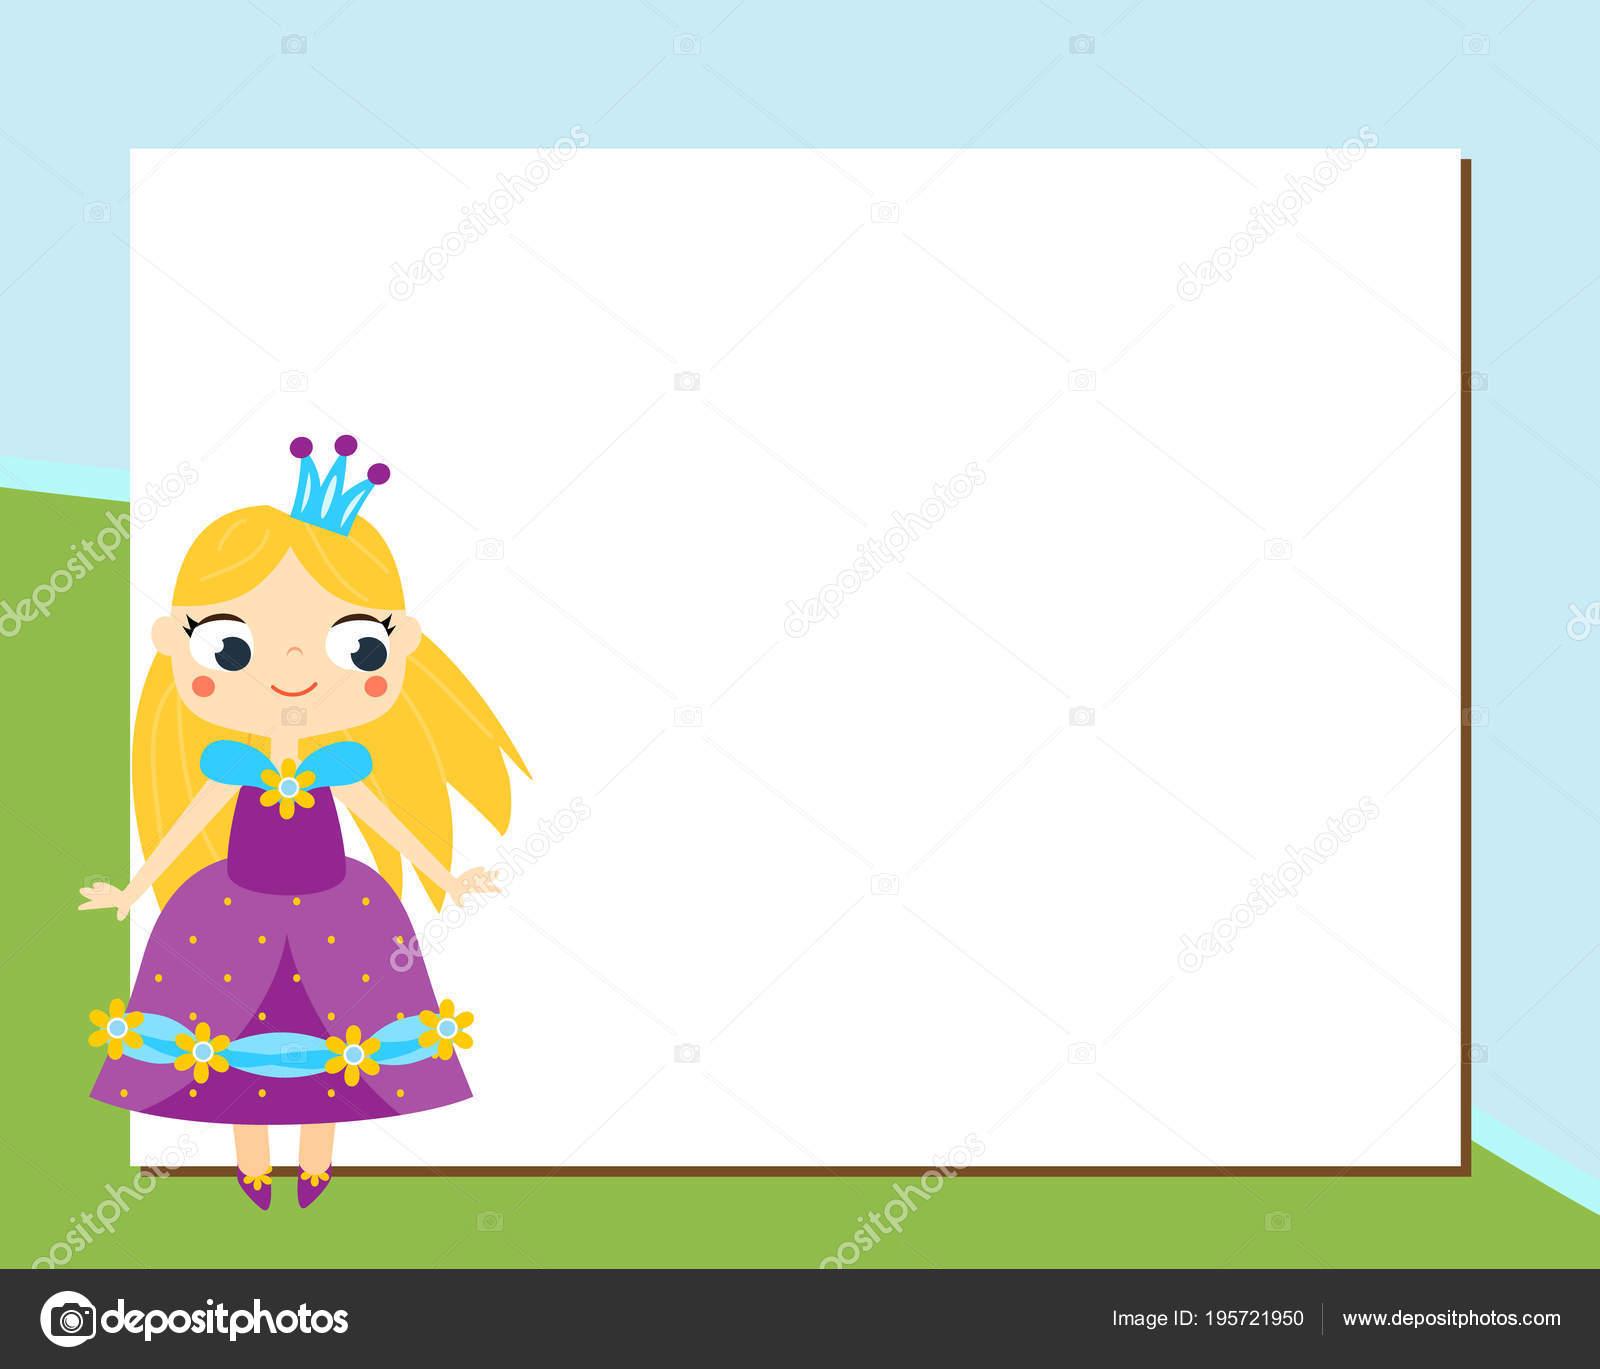 Prinzessin Frame Design-Vorlage für Fotos, Kinder-Diplome und Kinder ...